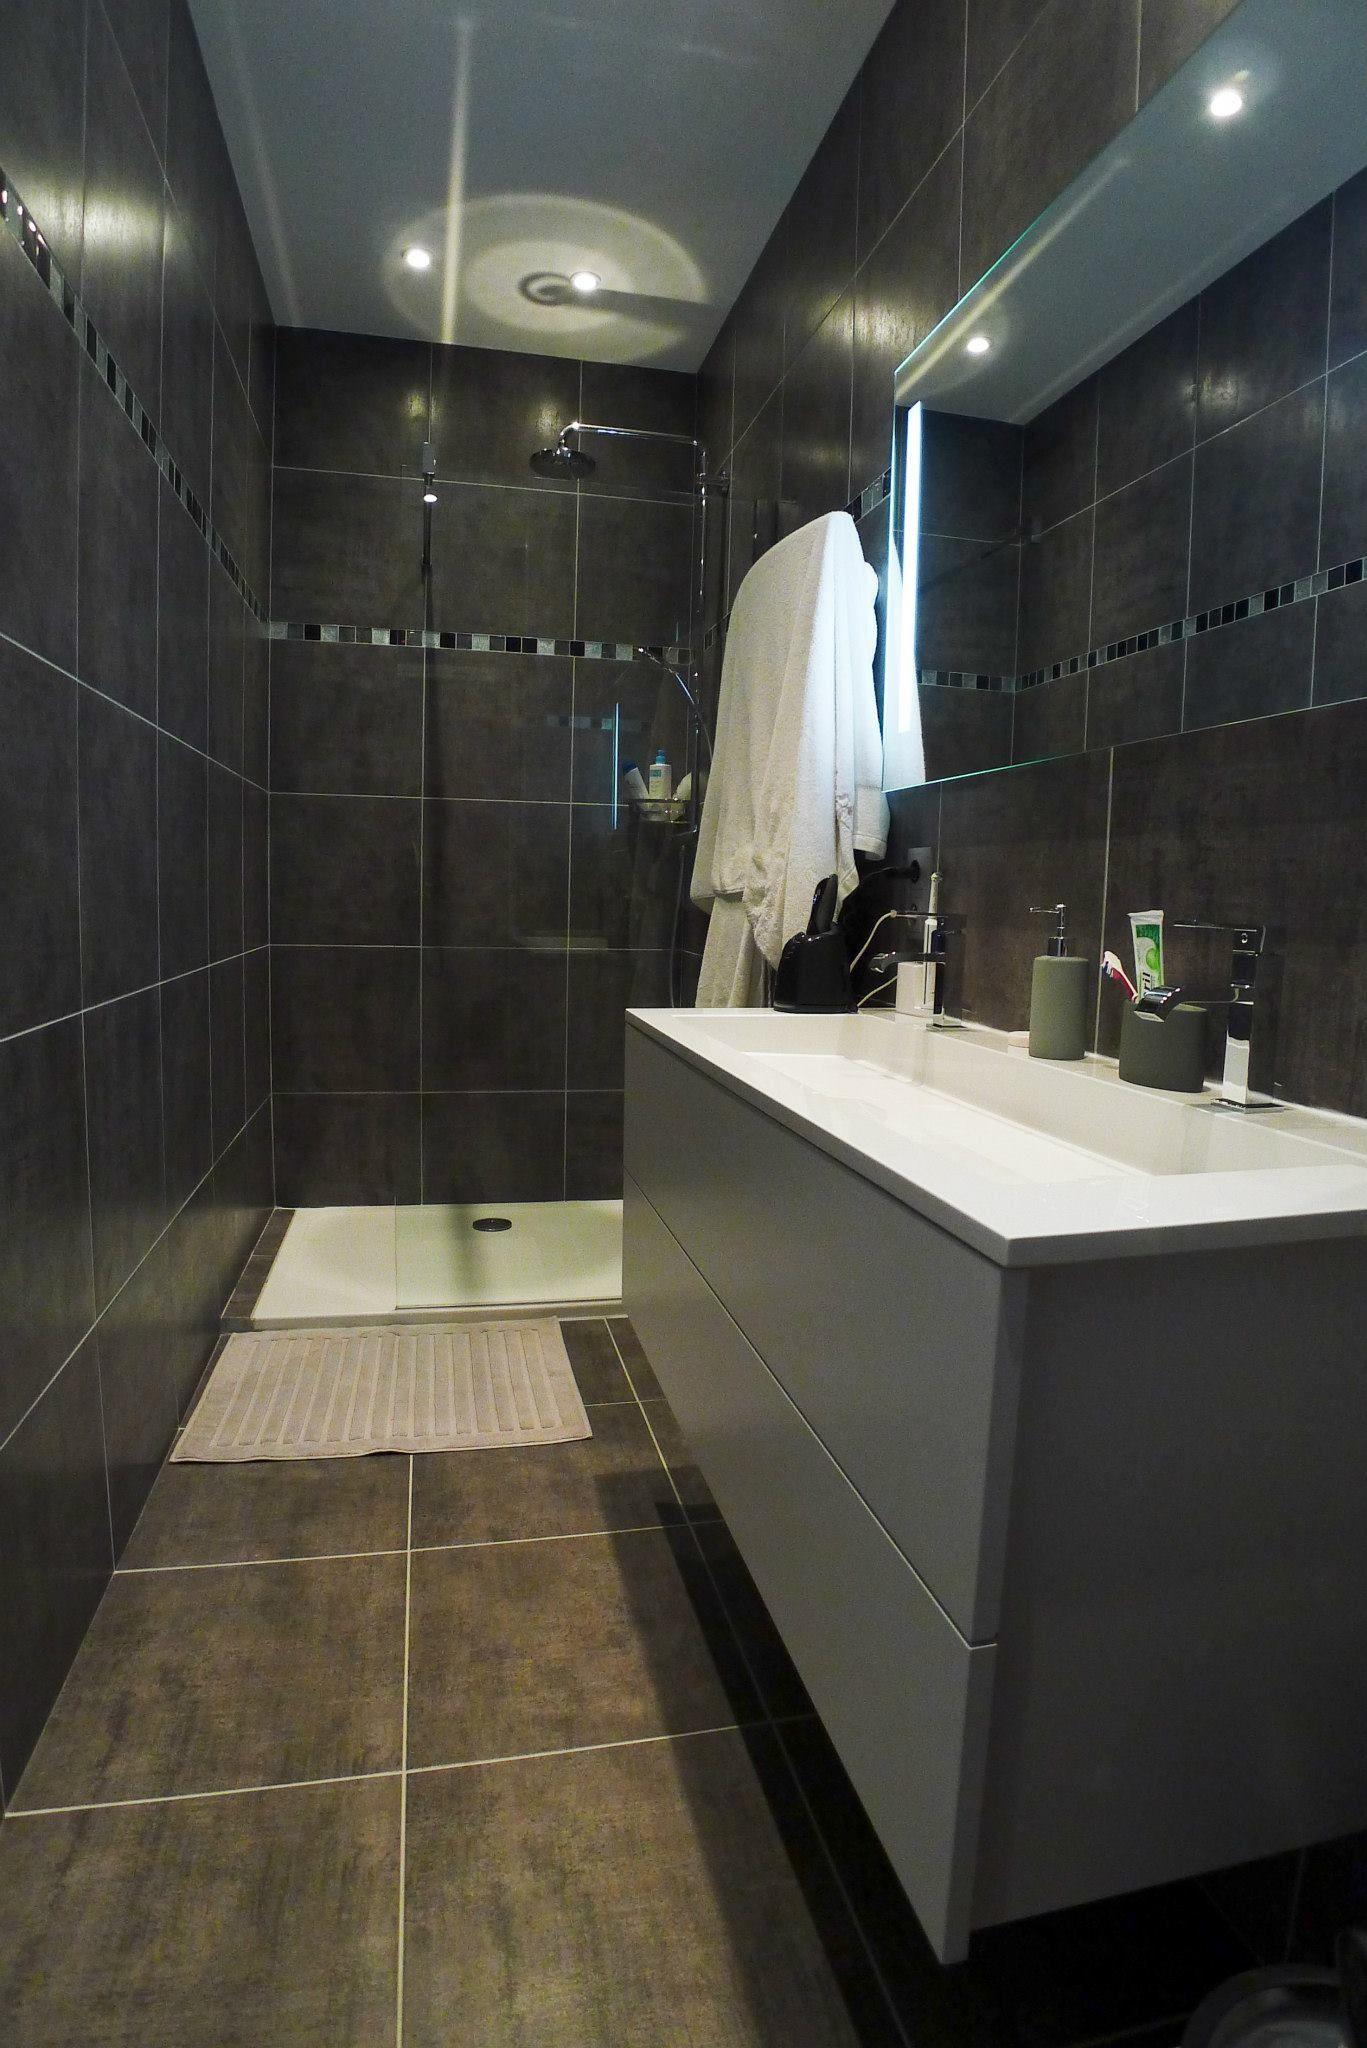 Appartement années 17 (Lyon 17ème) - EcoConfiance Rénovation